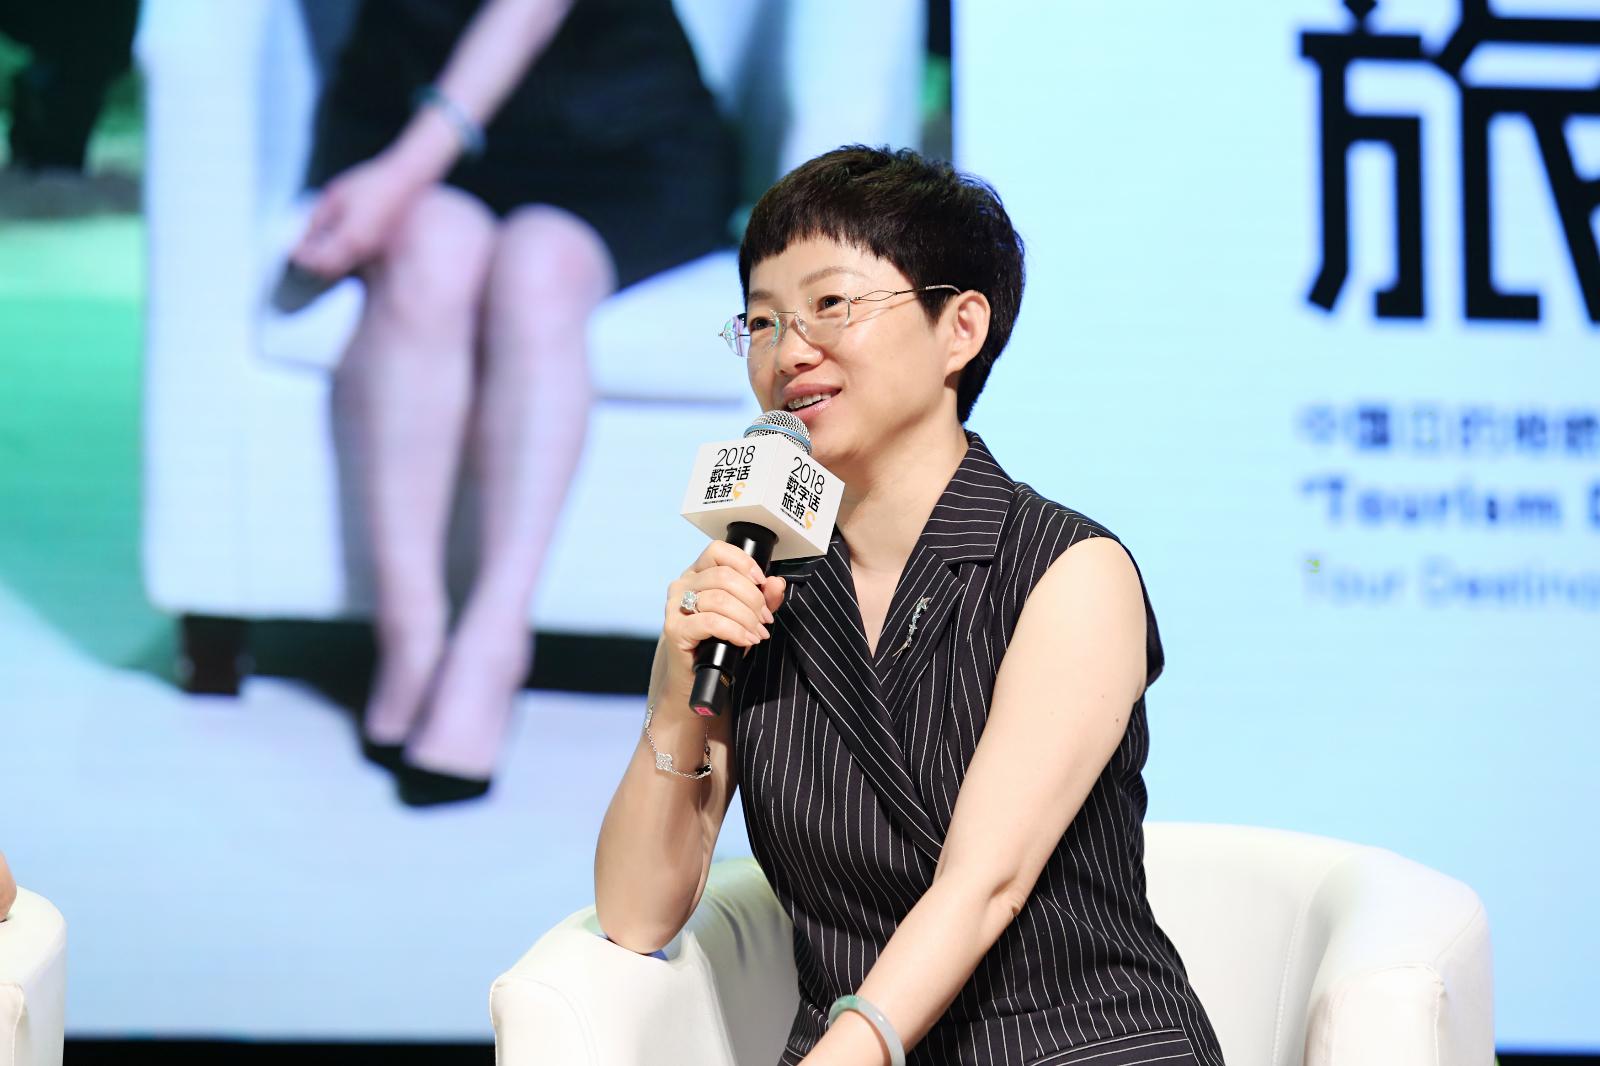 微博高级副总裁王雅娟:社交媒体正成为旅游业发展的重要手段